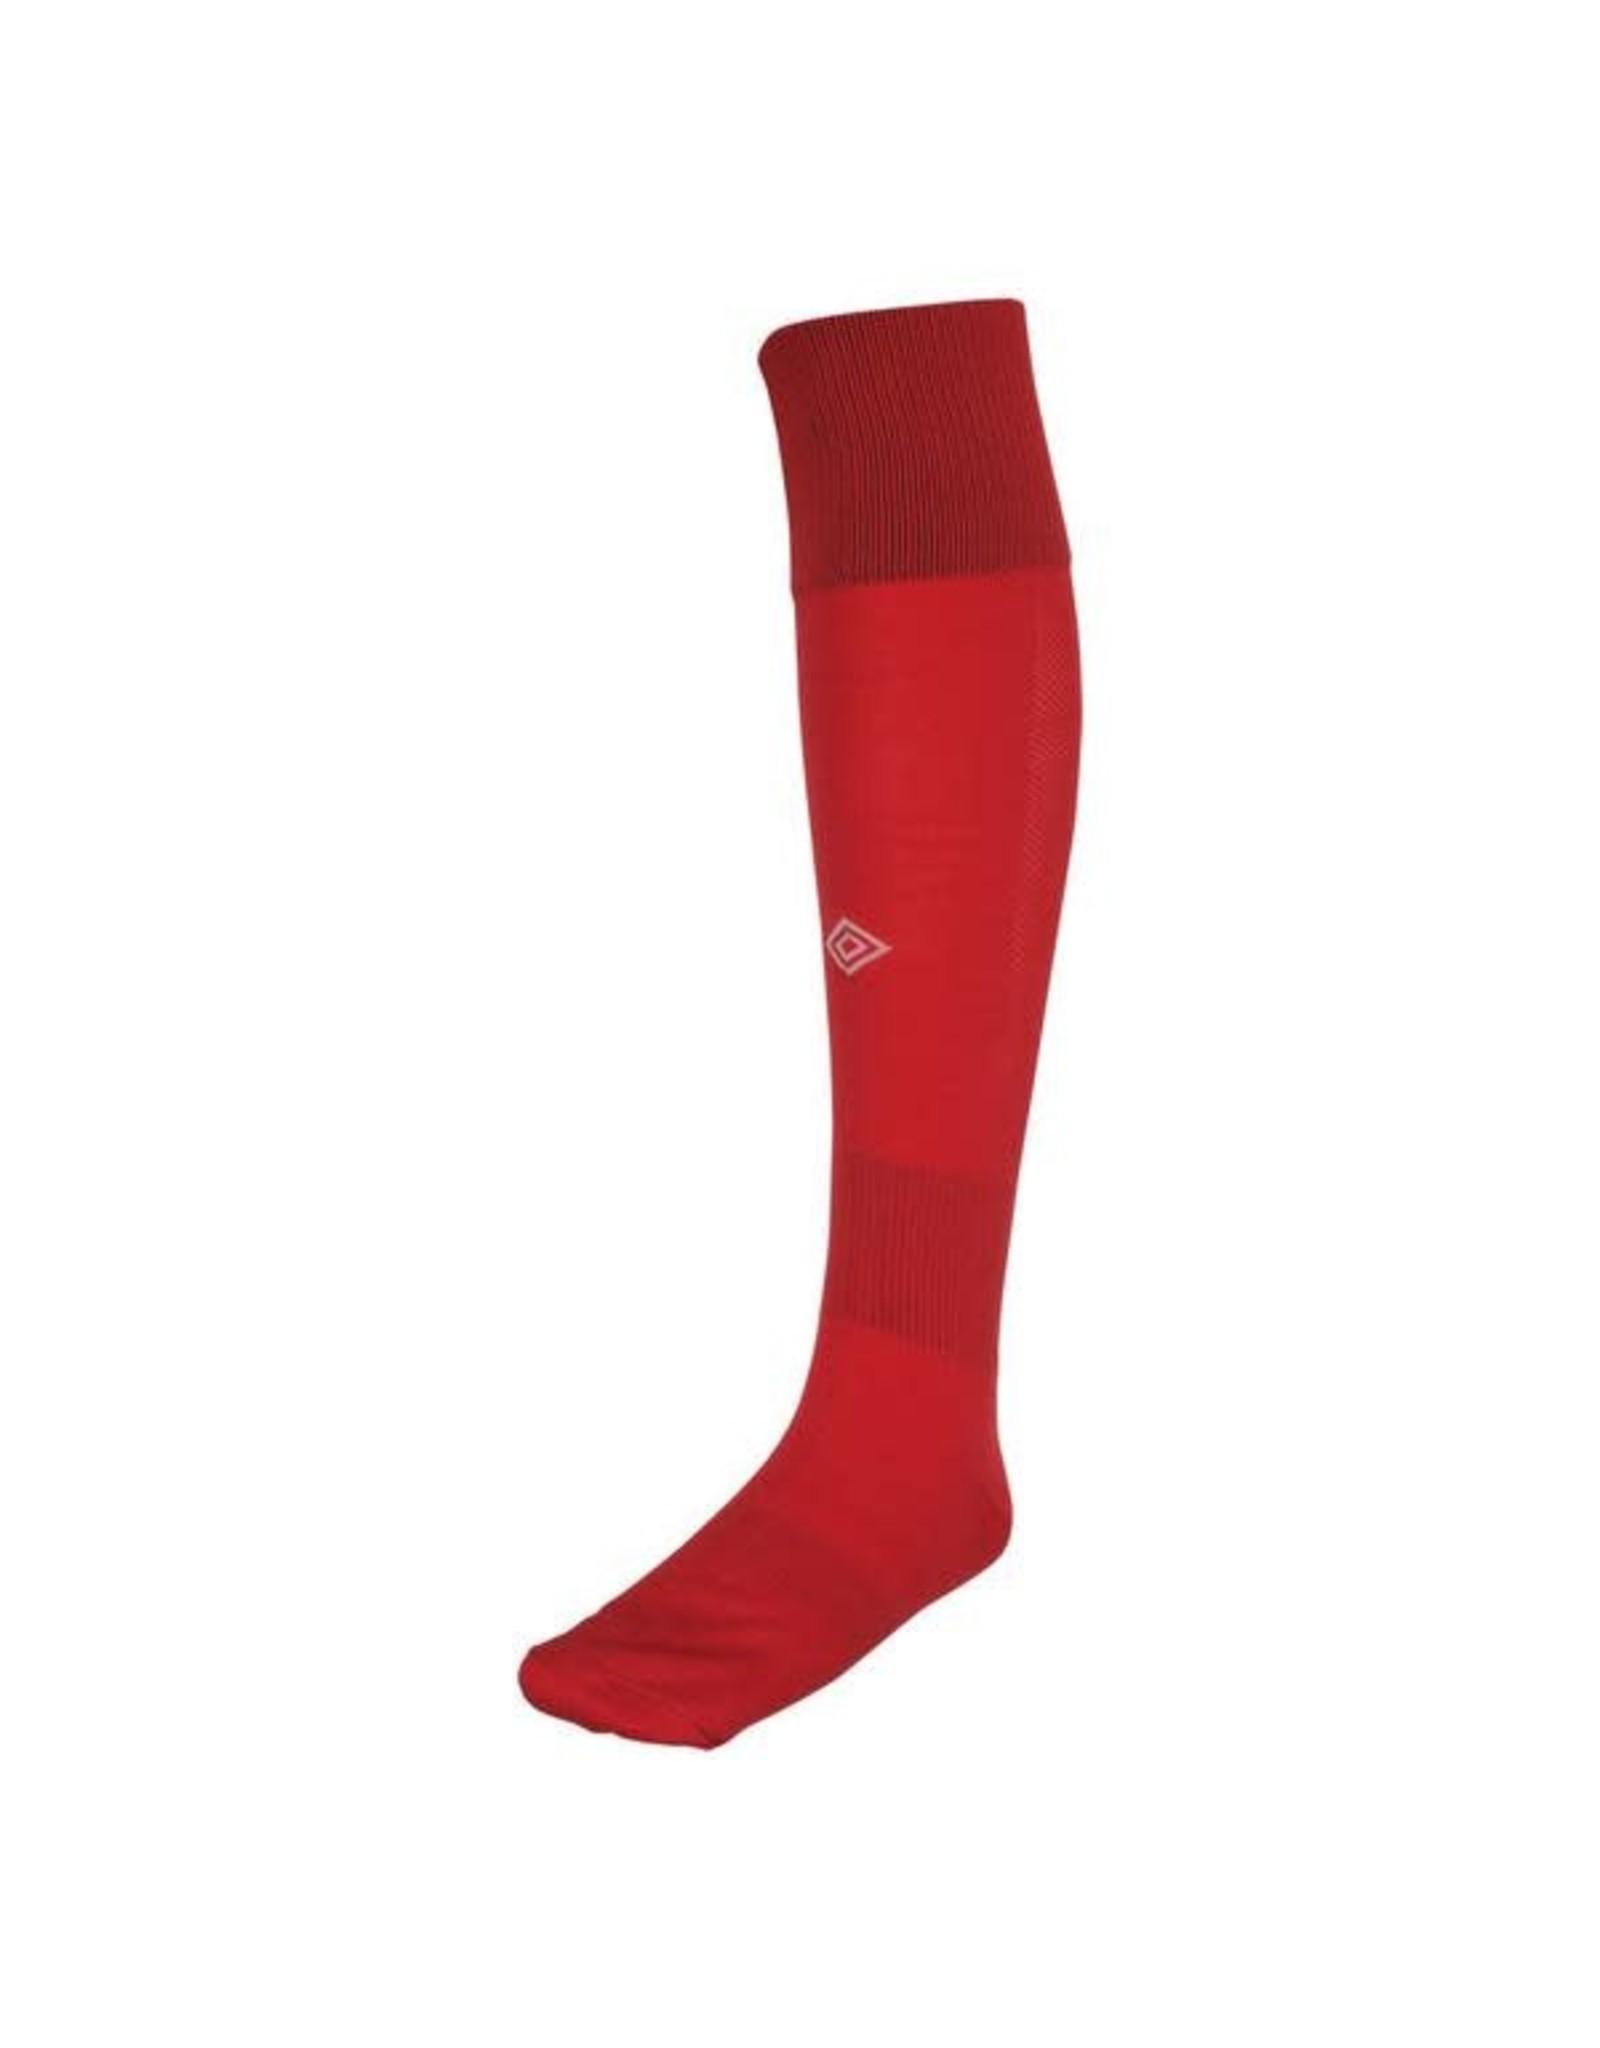 Umbro Umbro Player Socks (Red)